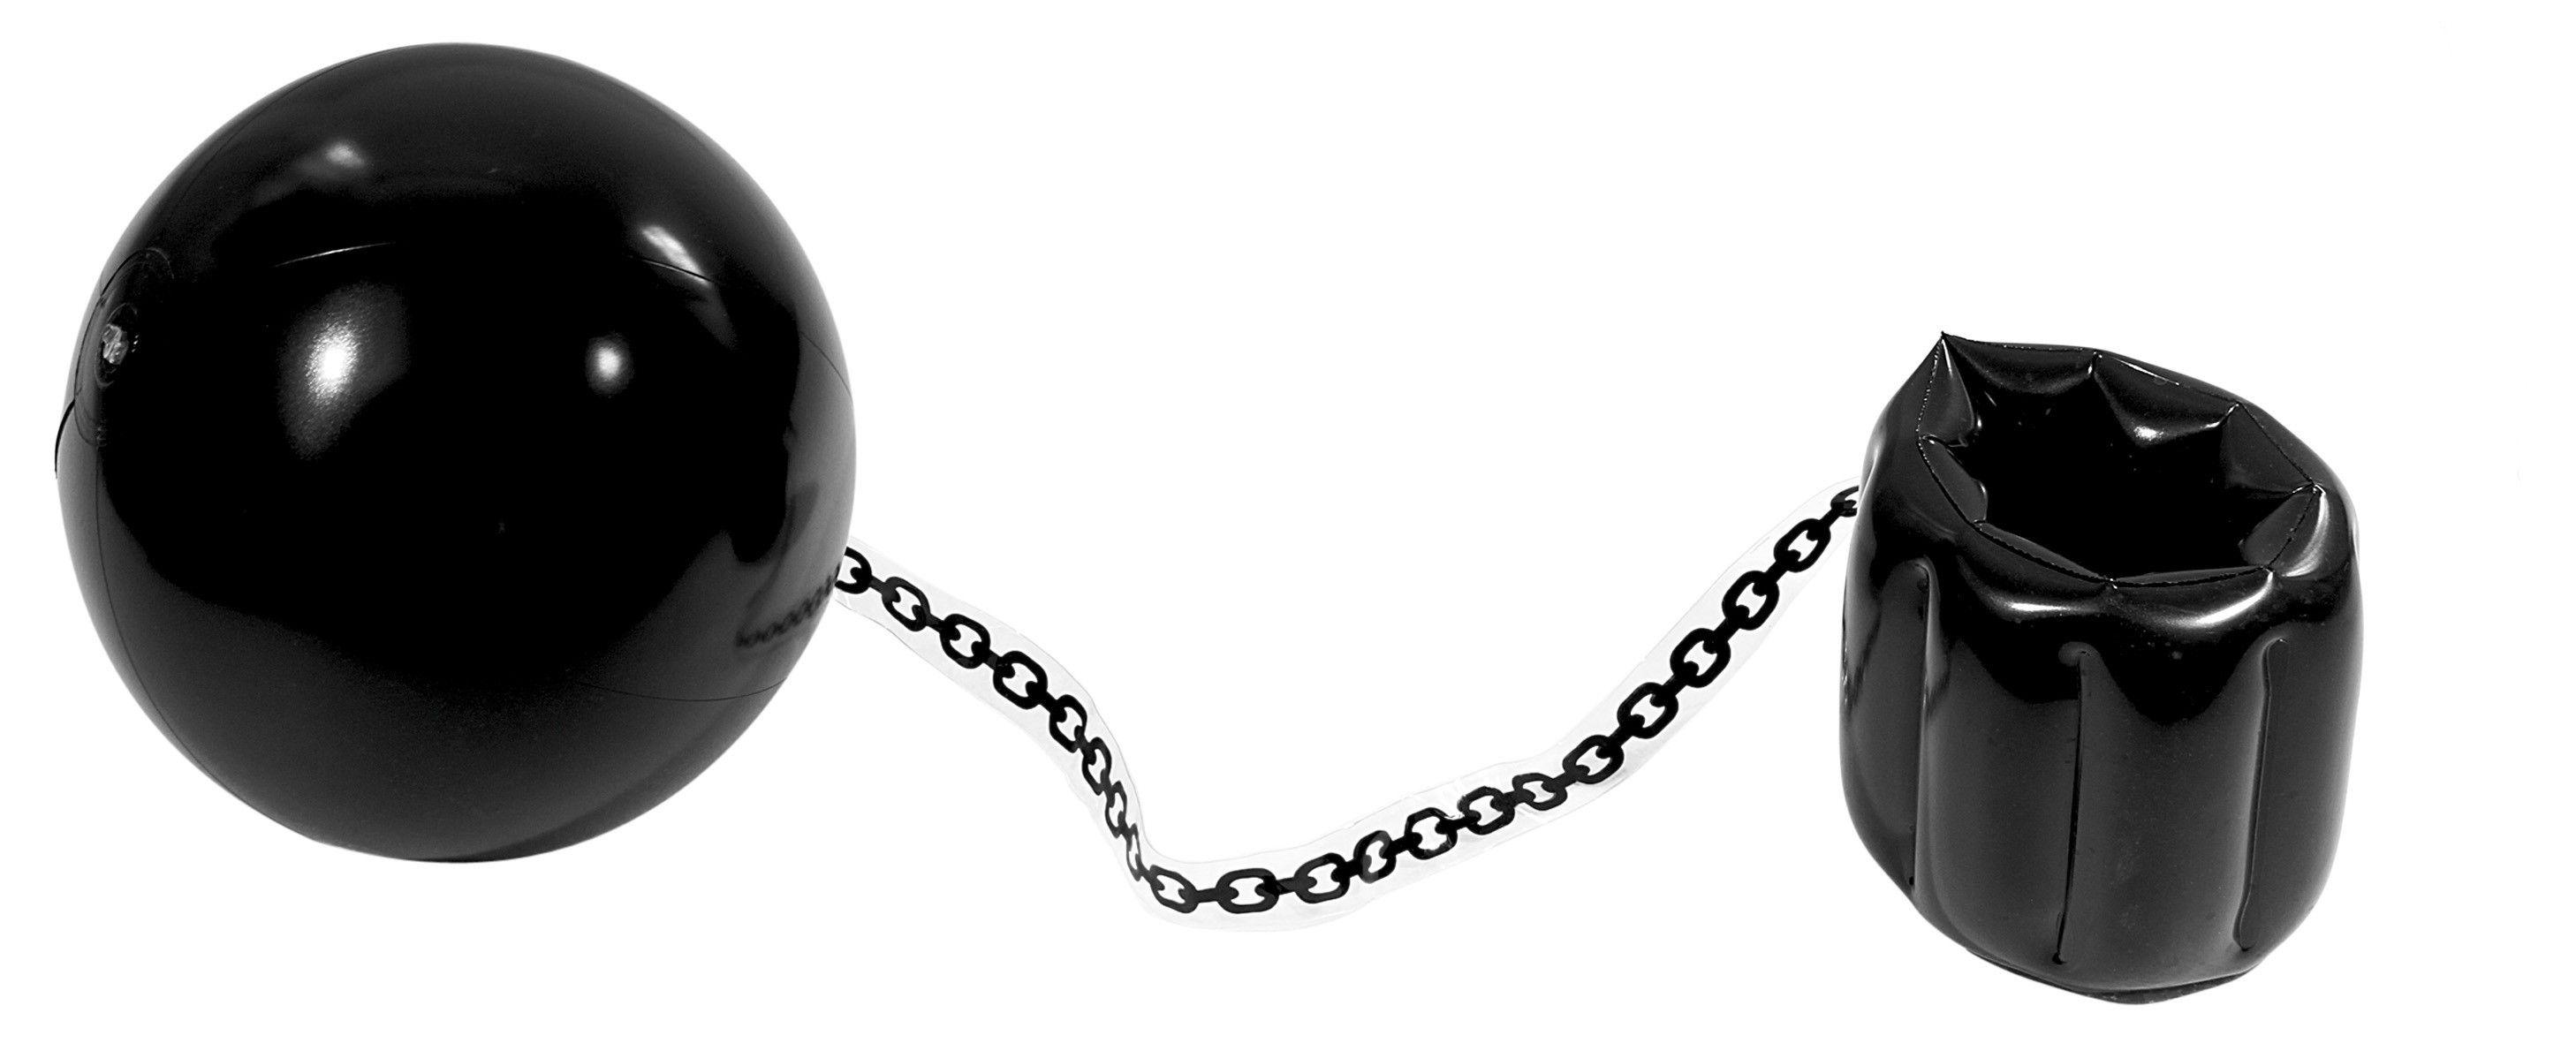 Als je dan eindelijk de boef hebt gevonden kan hij mooi aan de ketting. Helaas zal het de boef niet echt tegen houden, want deze bal aan de een ketting is opblaasbaar.